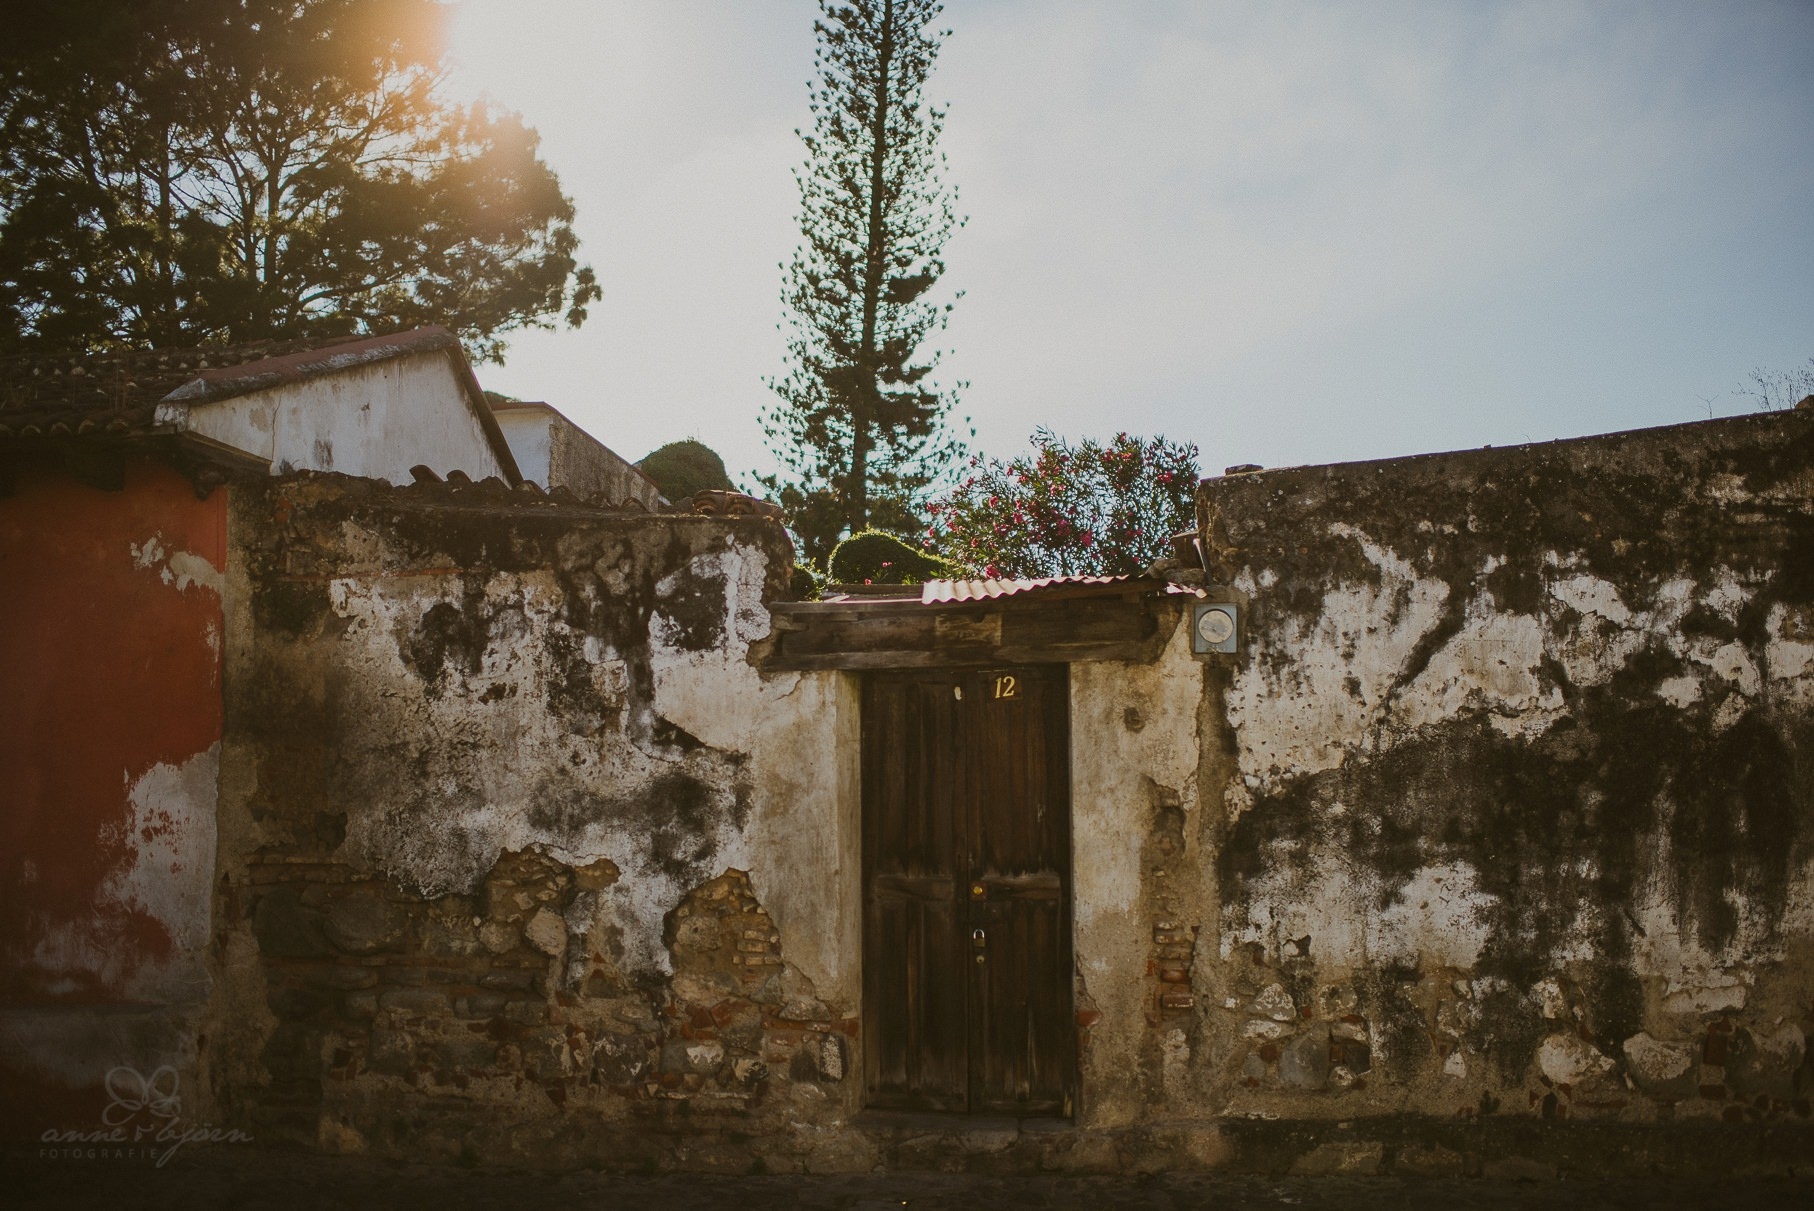 0055 anne und bjoern guatemala d75 1202 2 - 4 Wochen durch Guatemala - backpacking durch Mittelamerika